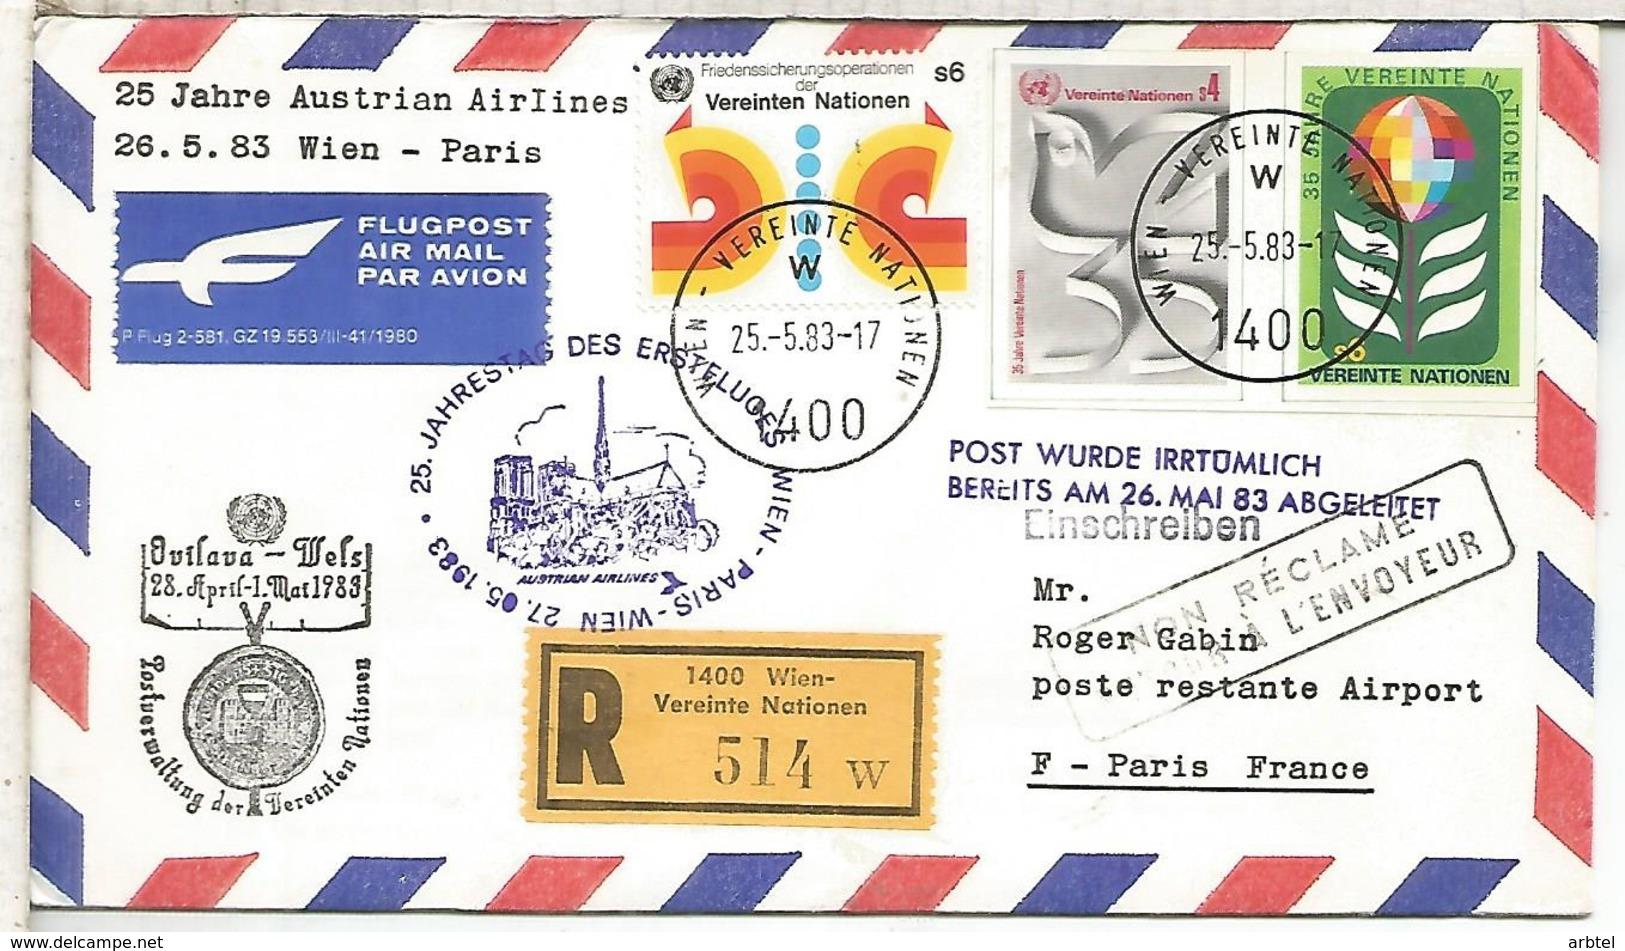 NACIONES UNIDAS WIEN CC CERTIFICADA VUELO WIEN PARIS  1983 AUSTRIAN AIRLINES - Aéreo